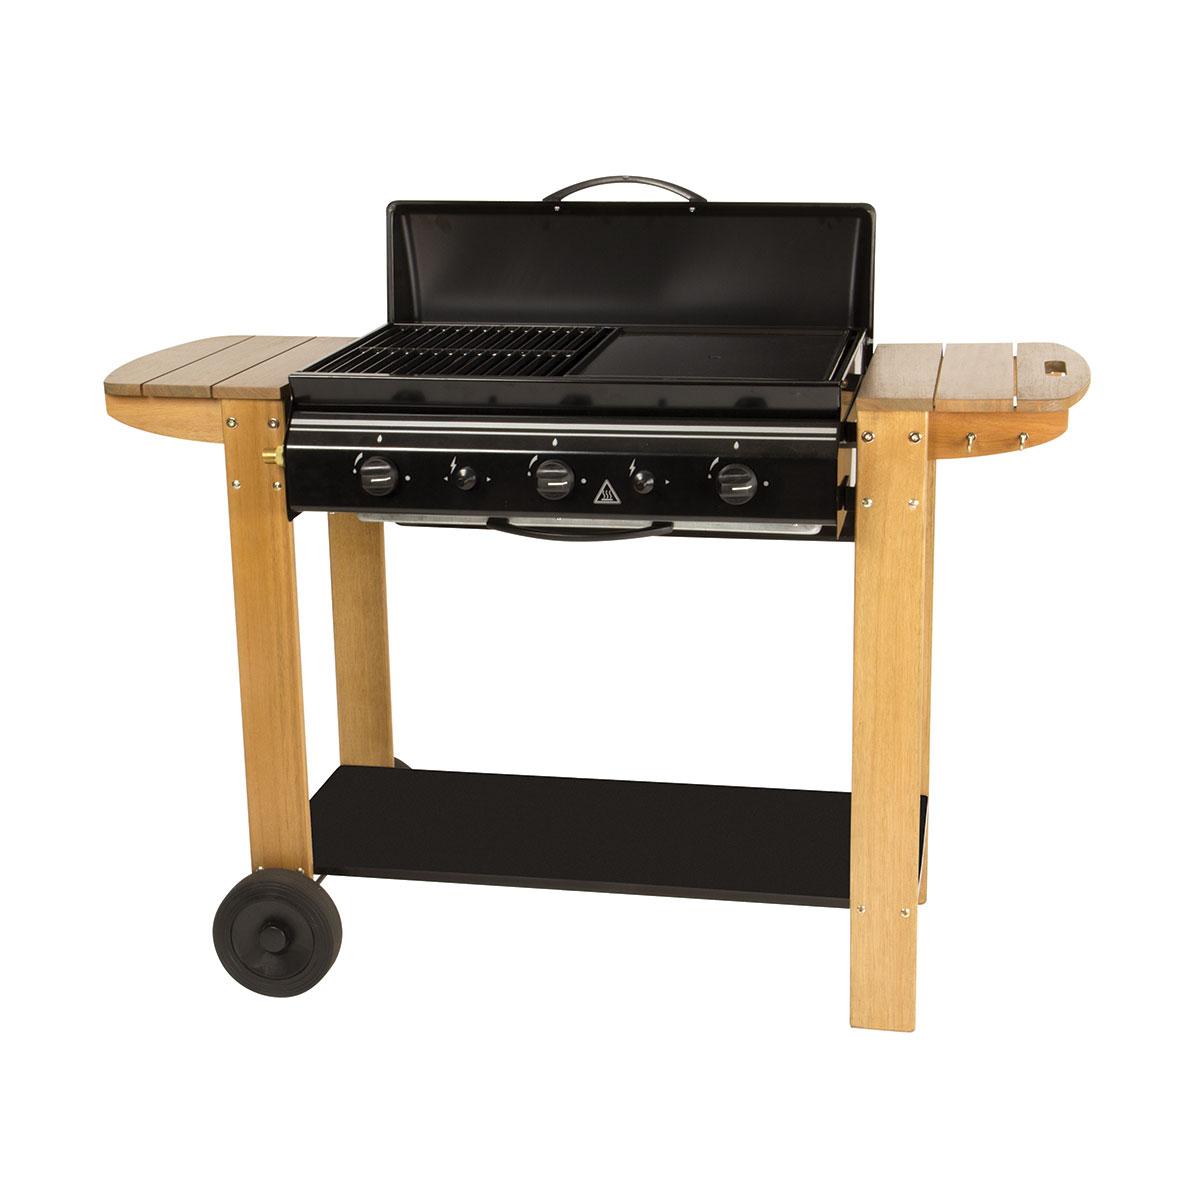 Barbecue à gaz 50% grille et 50% plancha - Bois - 126 x 54 x 89 cm